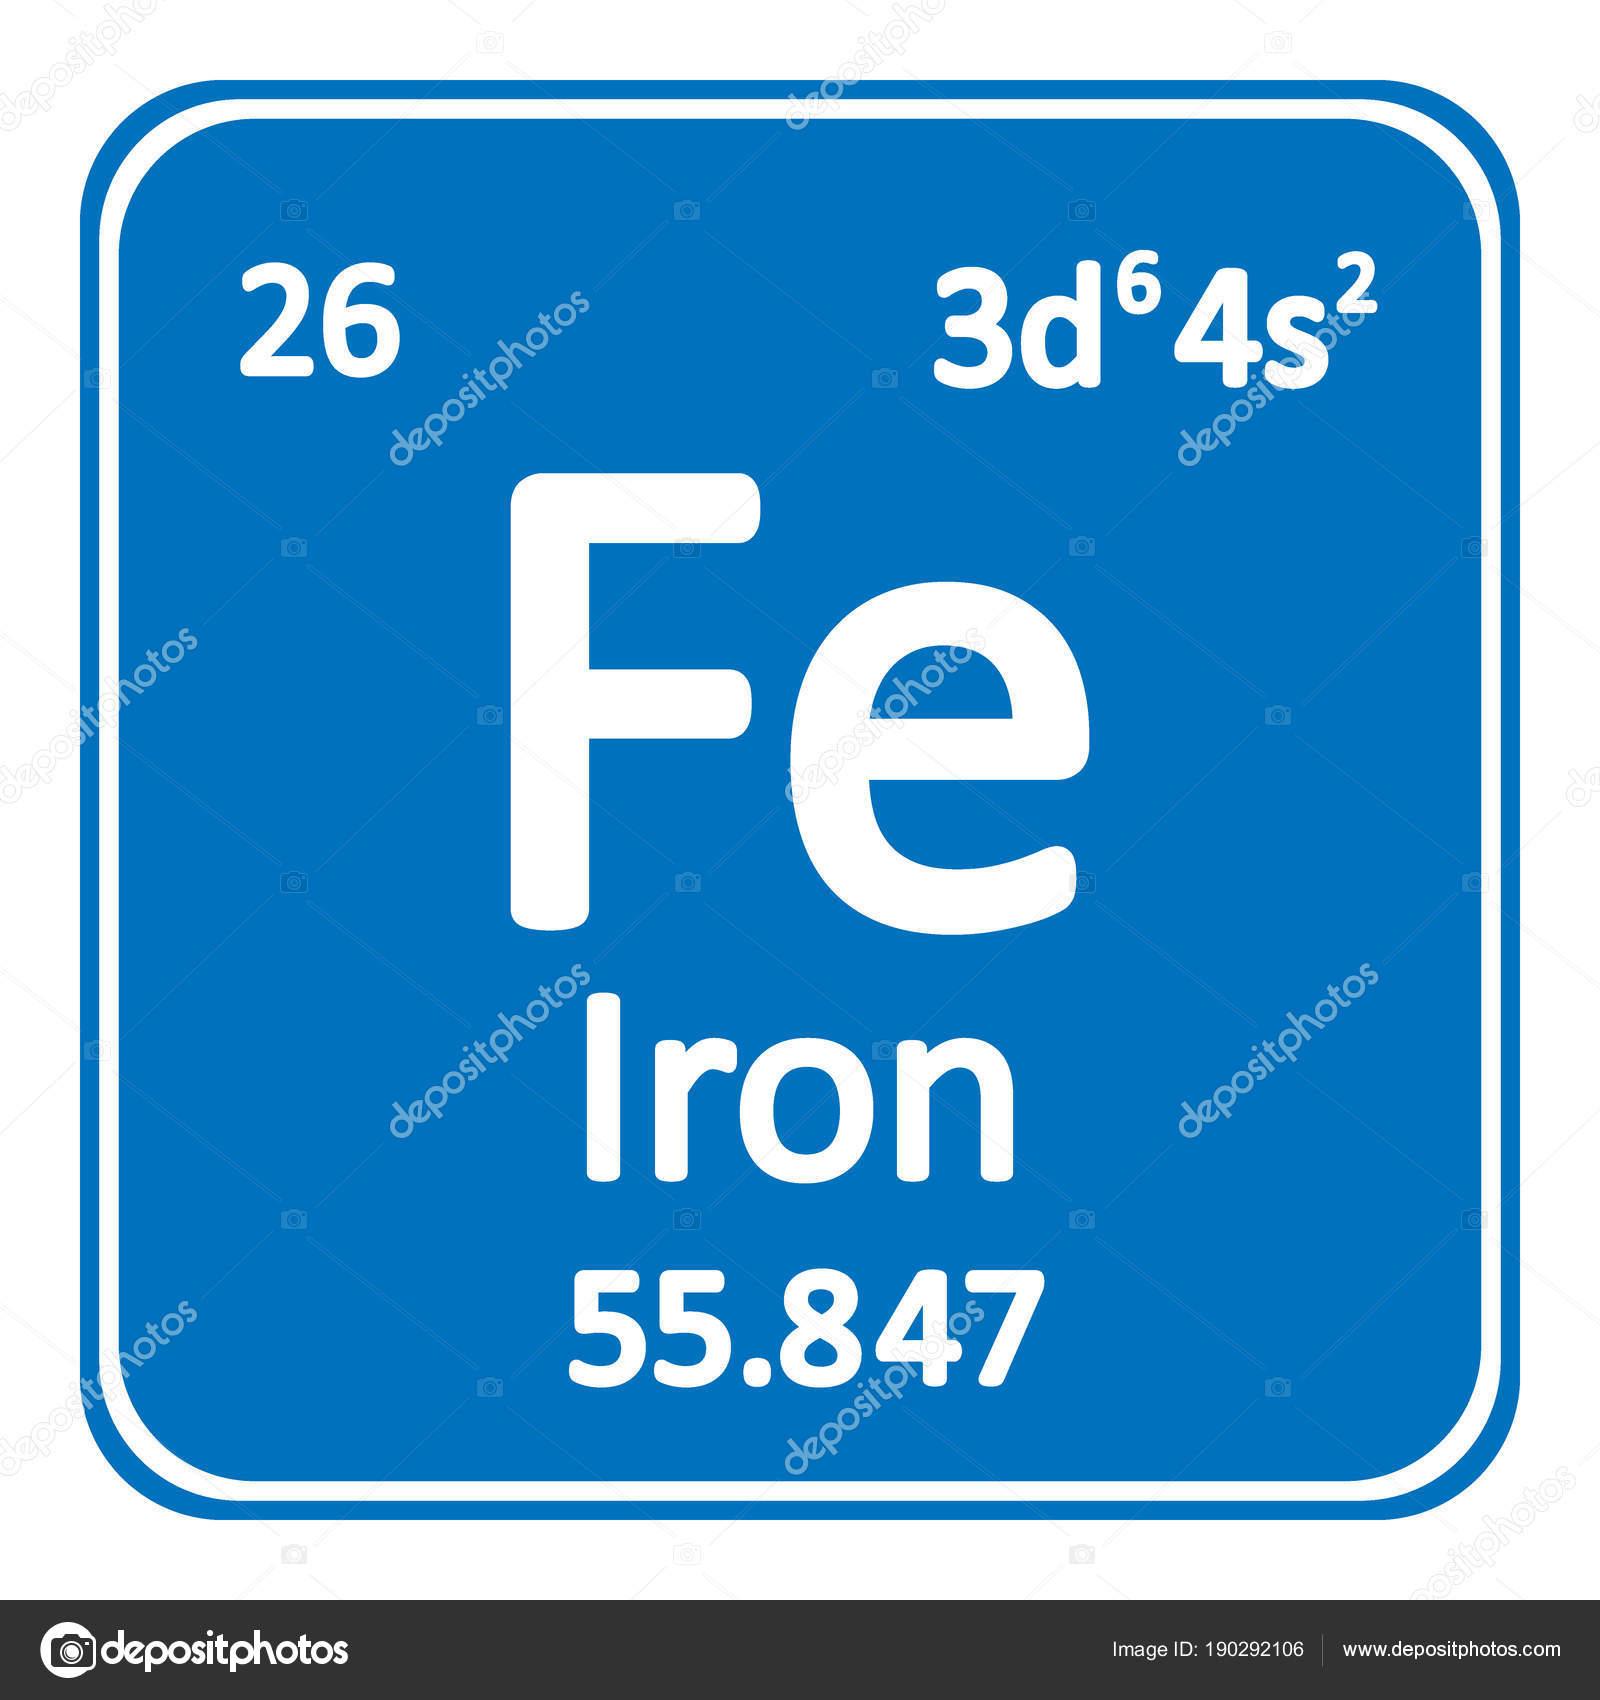 Icono de hierro elemento tabla peridica archivo imgenes tabla periodica elemento hierro icono fondo blanco ilustracin de vector vector de konstsem urtaz Choice Image